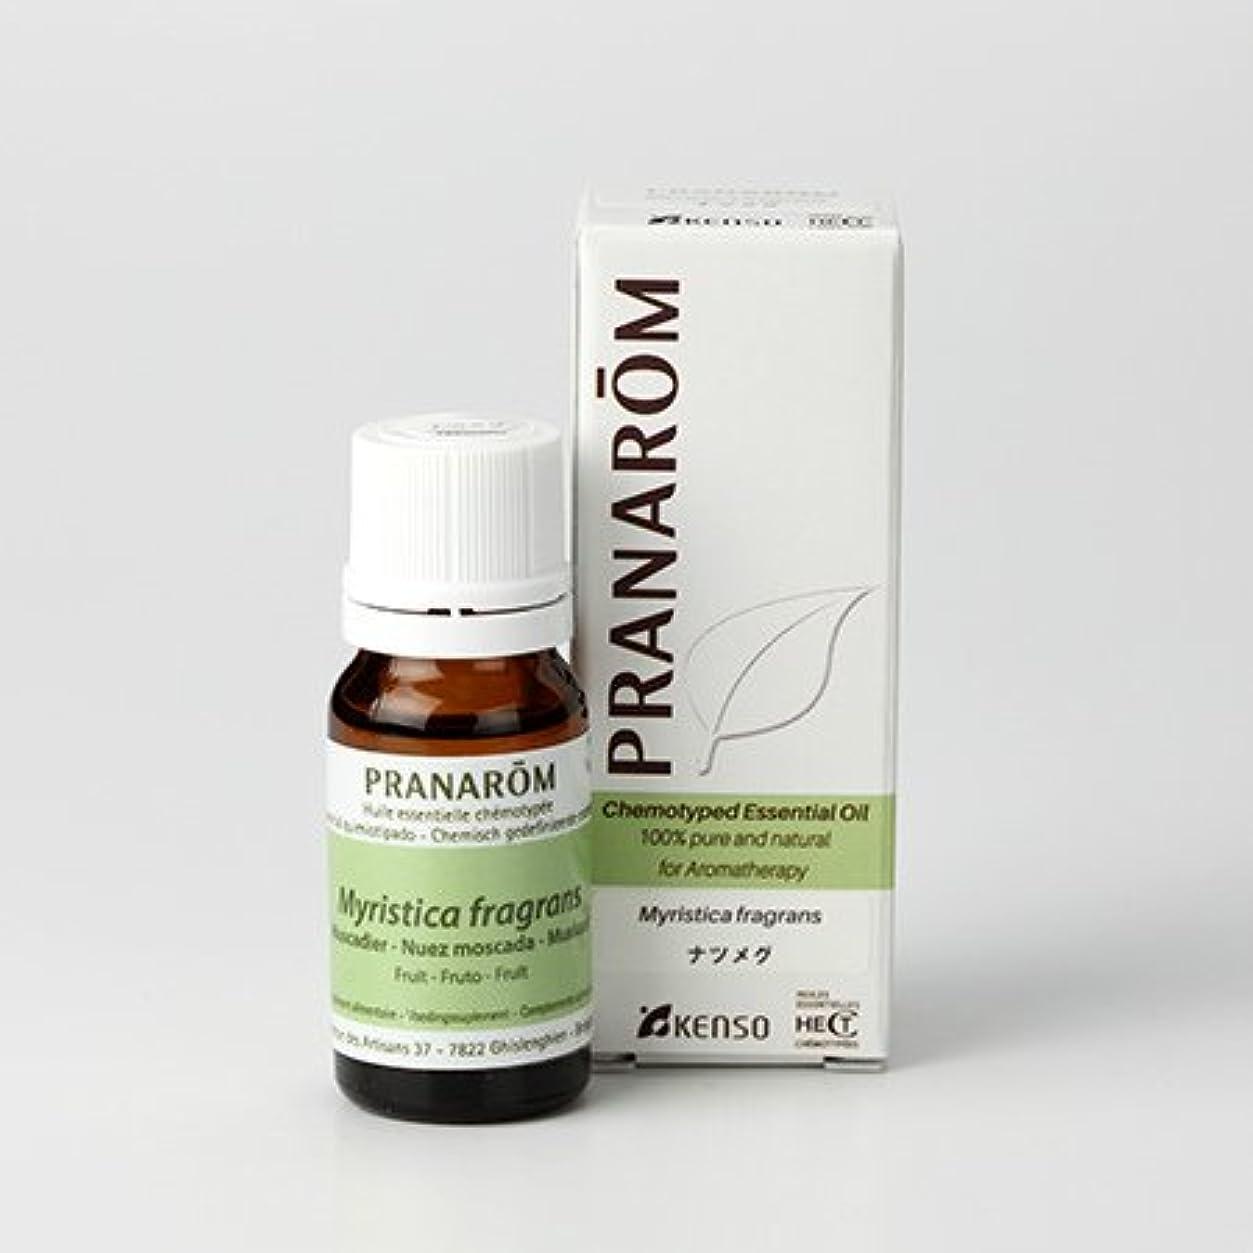 スティーブンソンパスタタイルプラナロム ナツメグ 10ml (PRANAROM ケモタイプ精油)